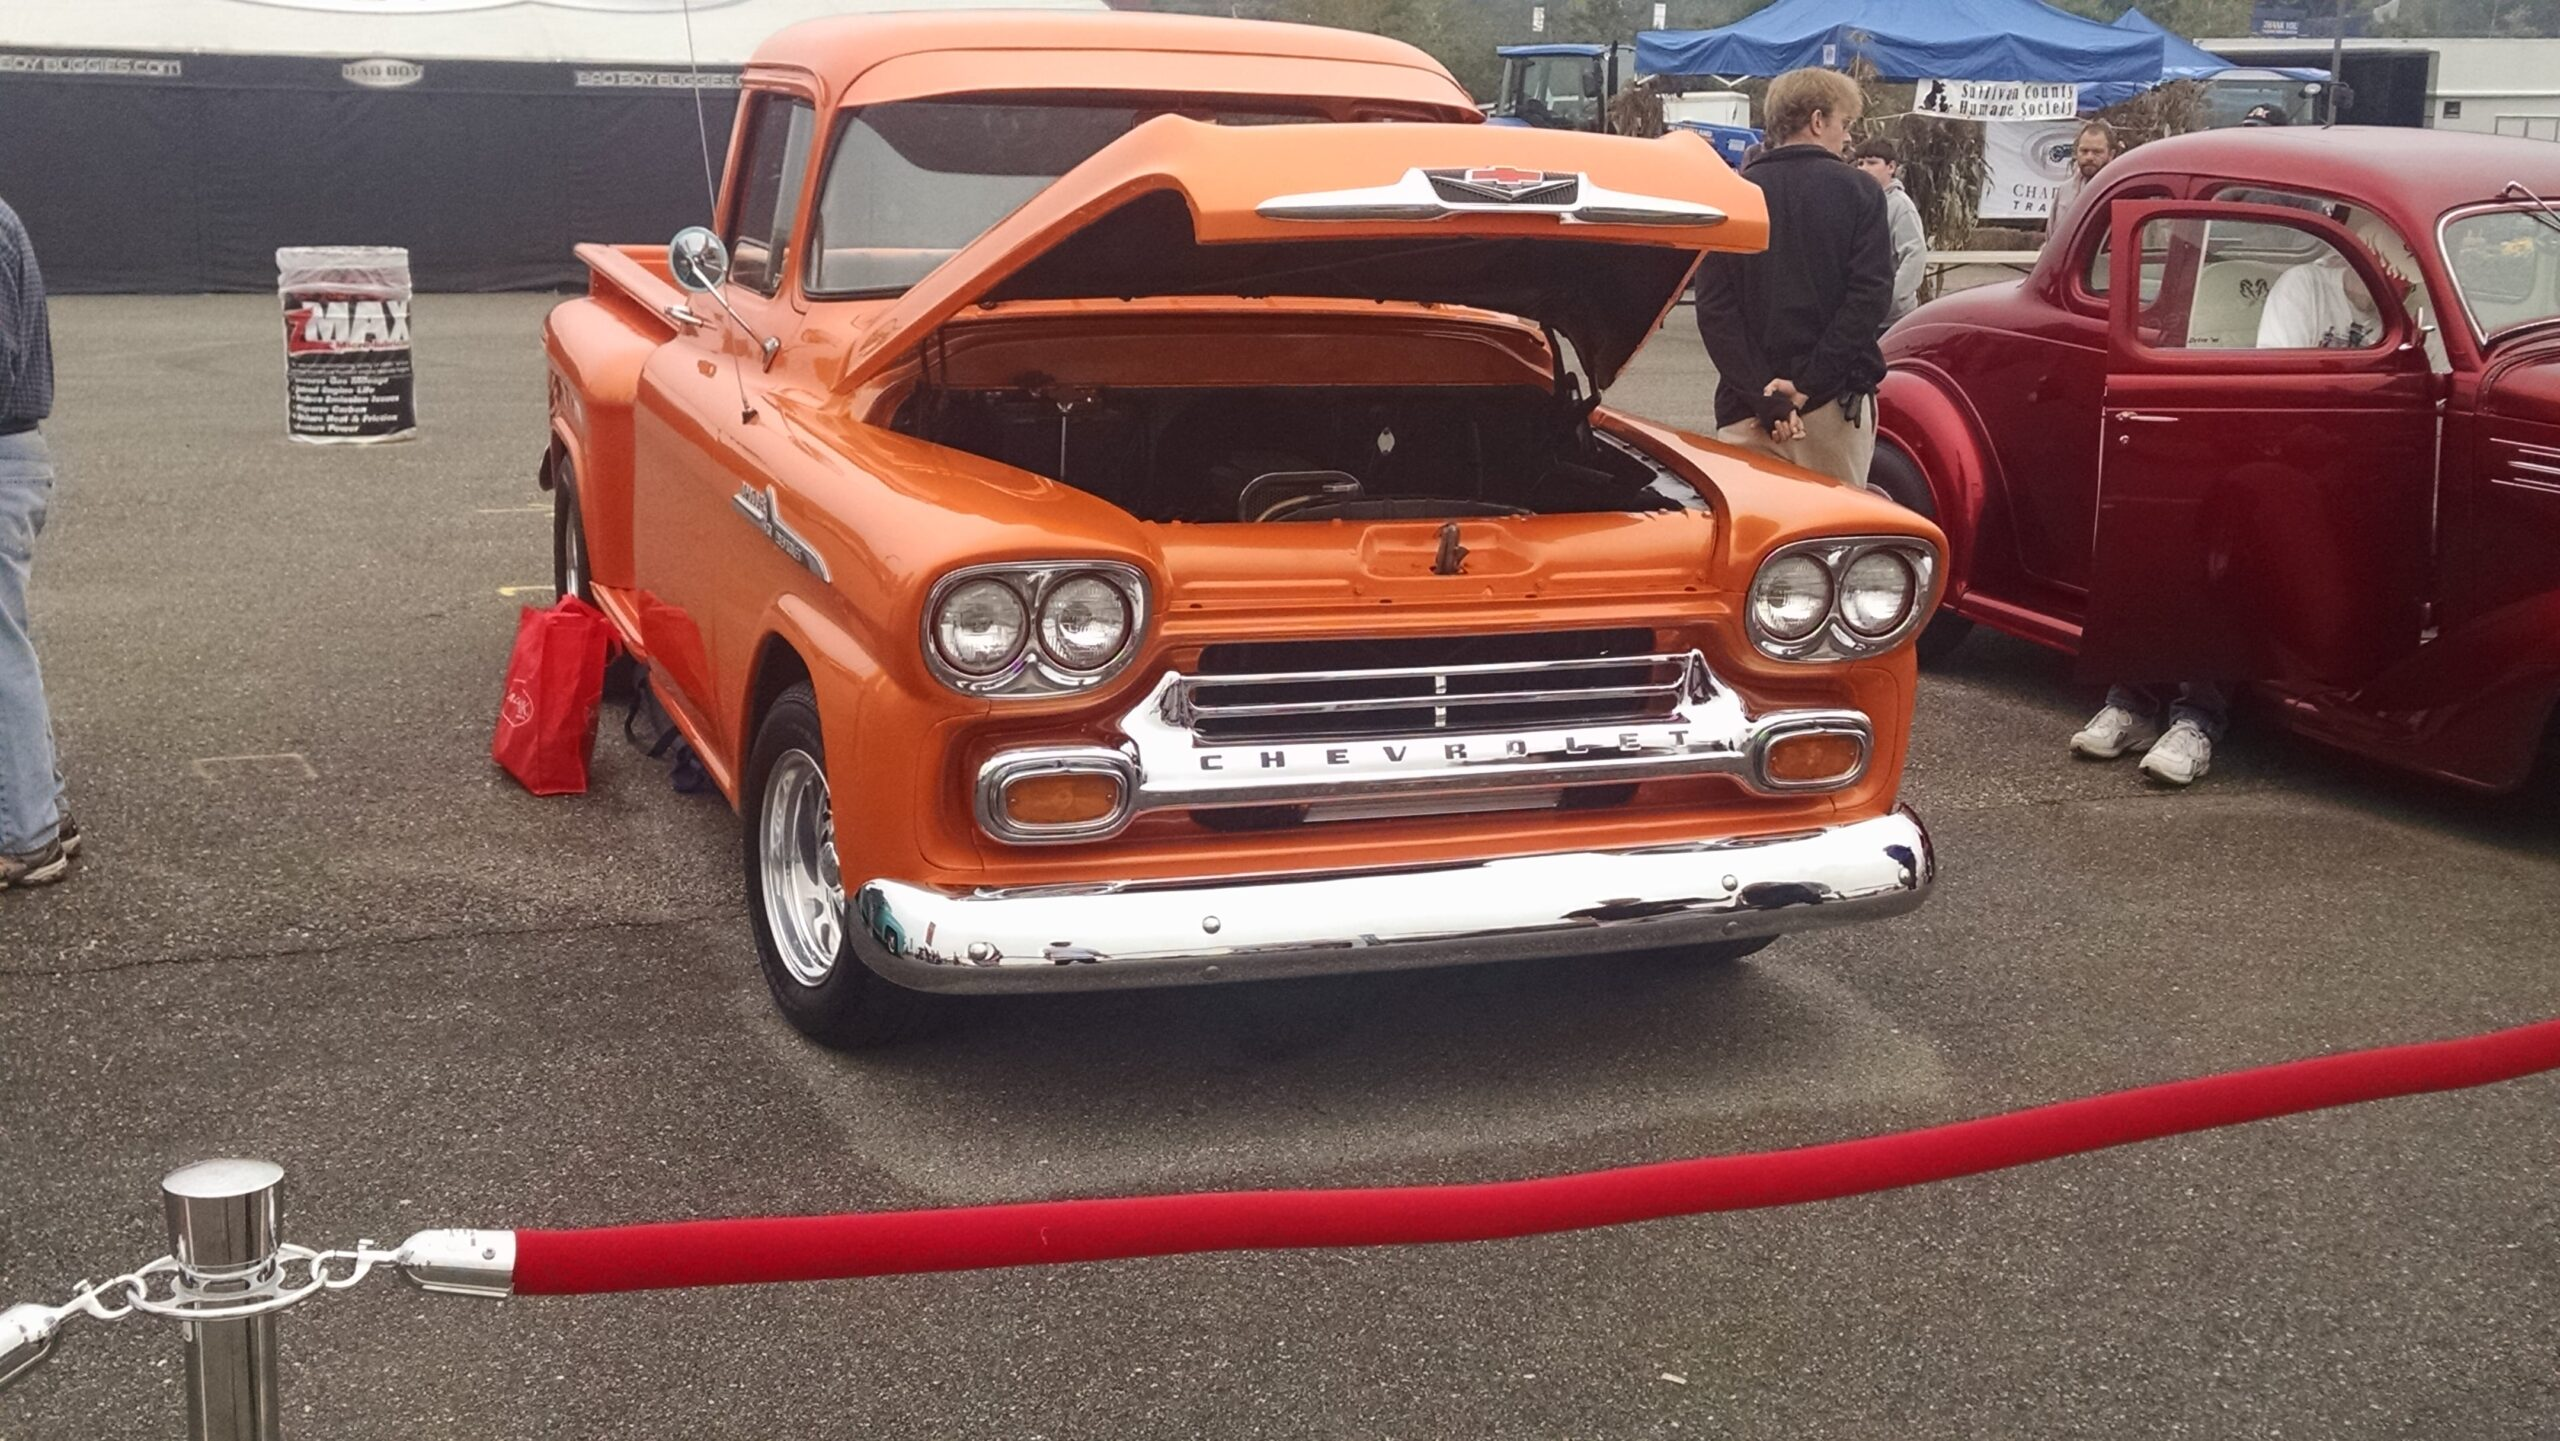 J.R. Dugas - Greenwich, NY - 1958 Chevy Apache 3200